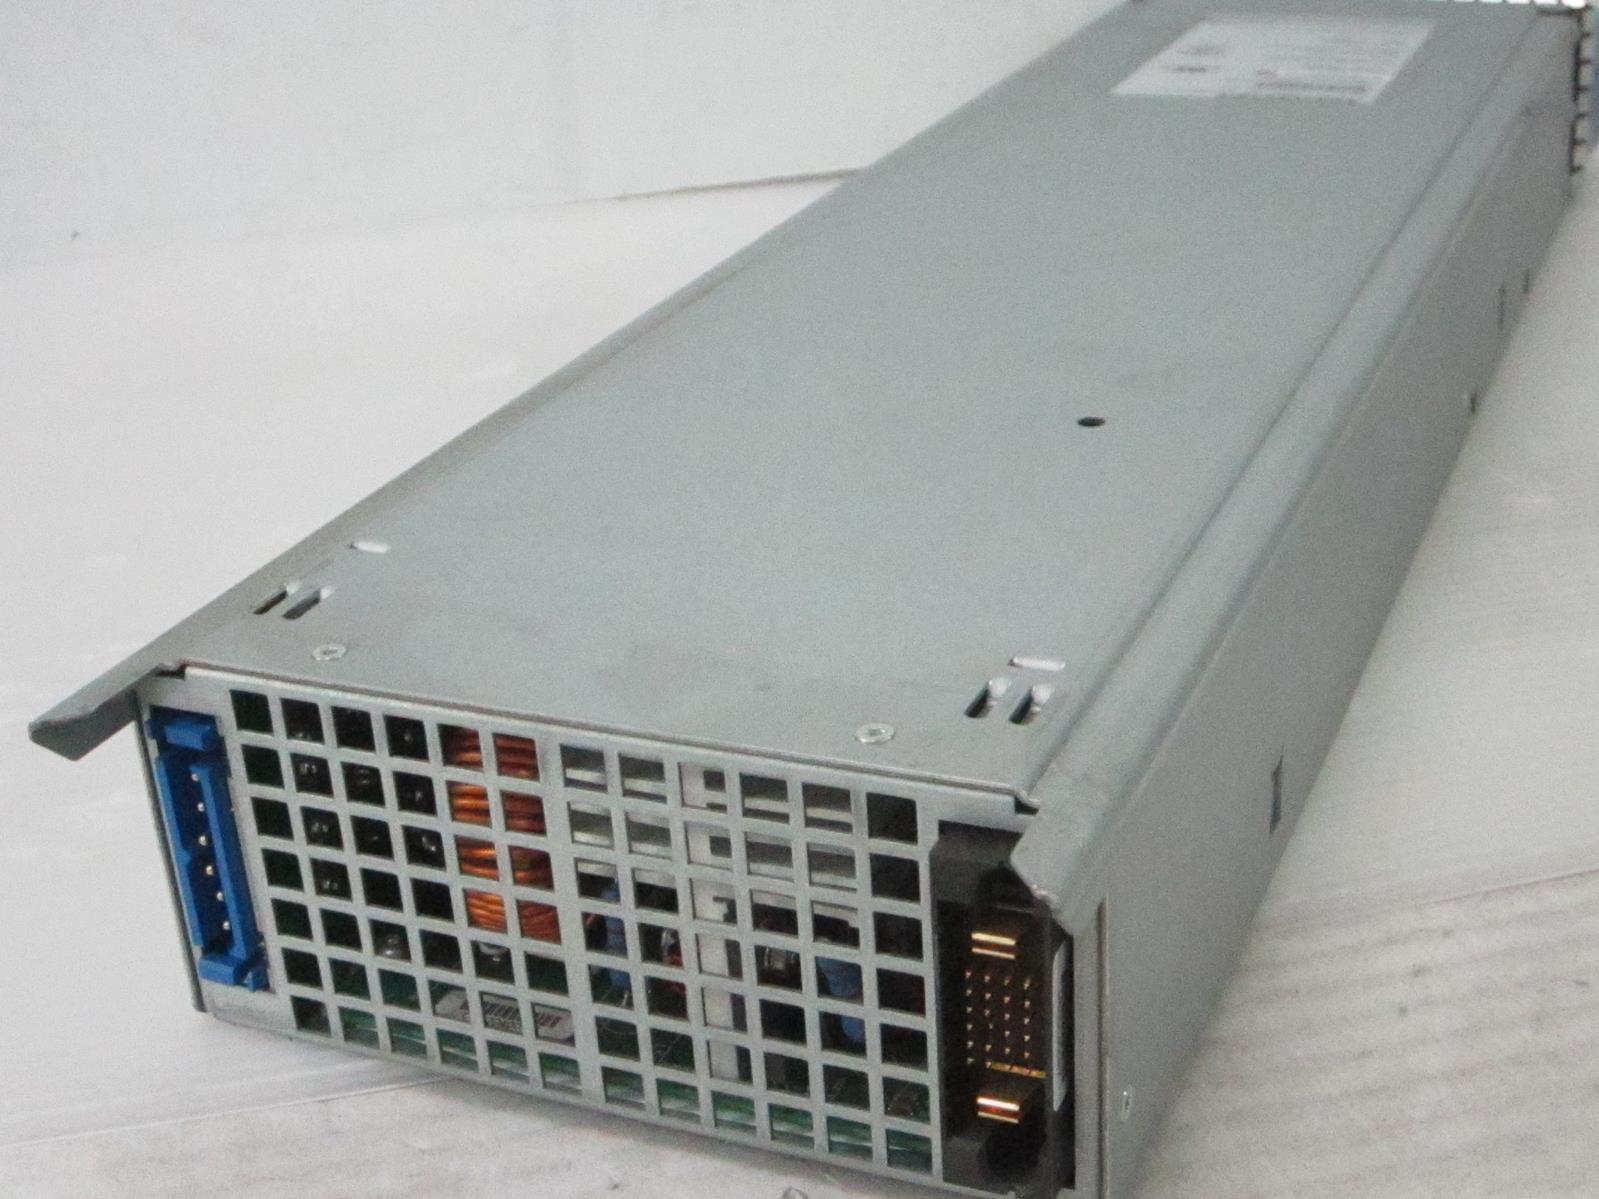 HP PPA0008 48V 1000W Power Supply RH1492Y 0957-2321 Input 200-240VAC